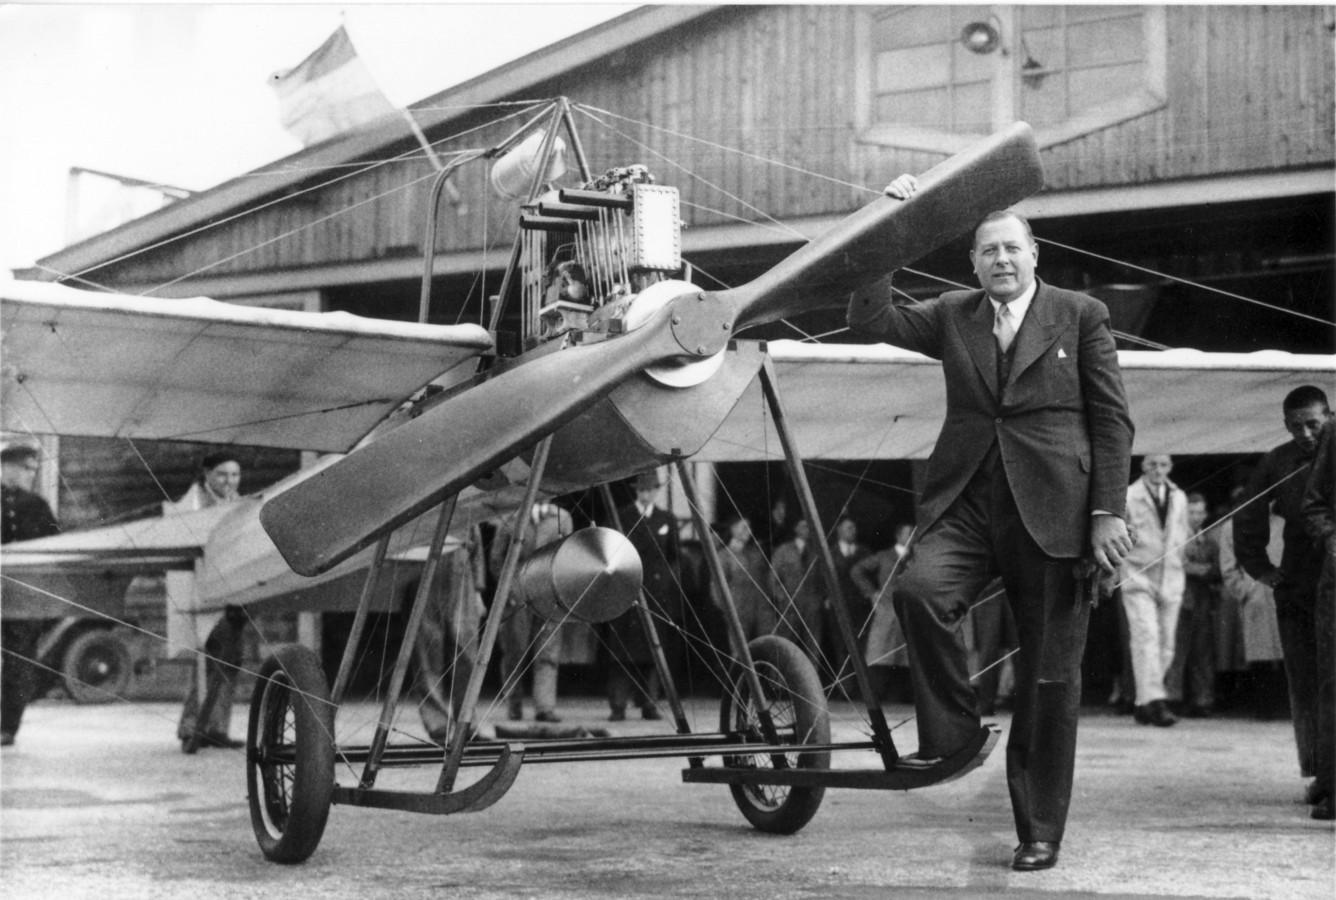 Vliegtuigbouwer Frits Koolhoven is een straatnaam waard, vindt het Historisch Collectief Charlois.